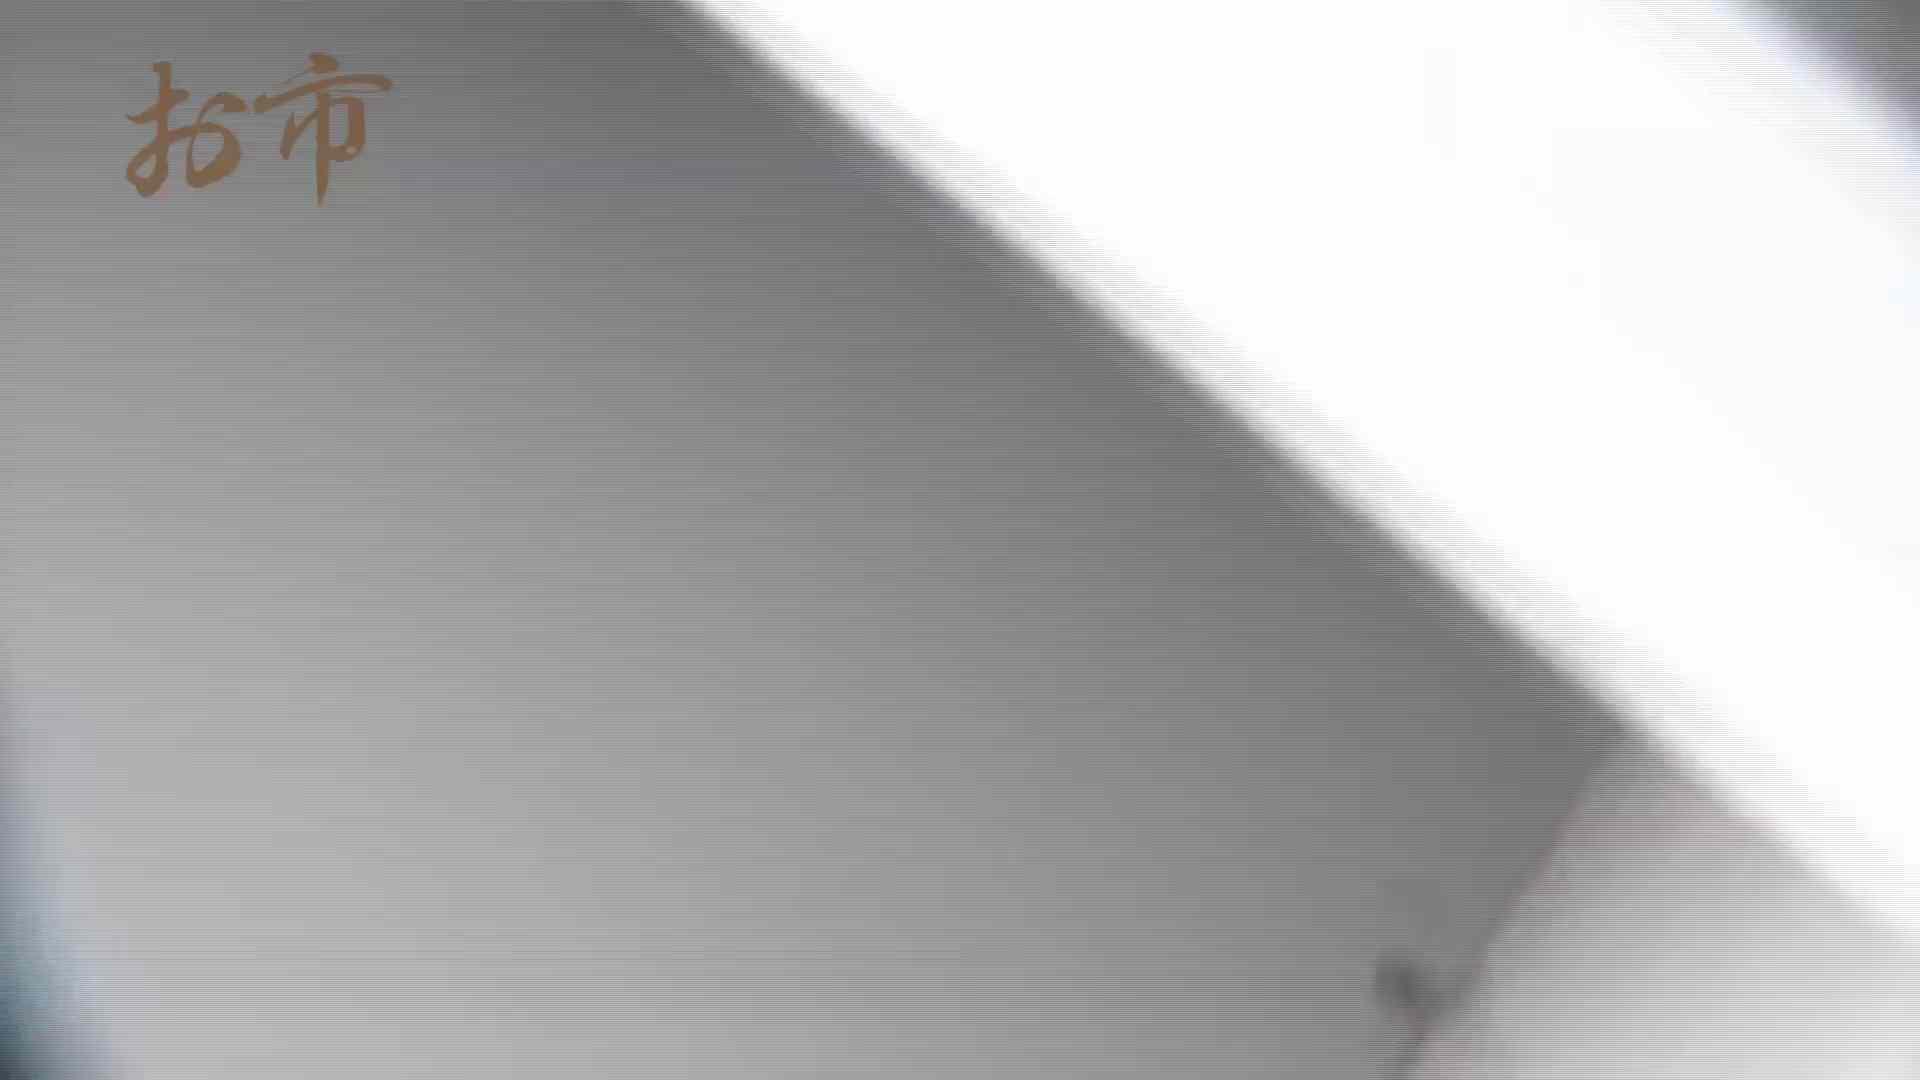 潜入!!台湾名門女学院 Vol.12 長身モデル驚き見たことないシチュエーション 美女のボディ オマンコ無修正動画無料 89PIX 73